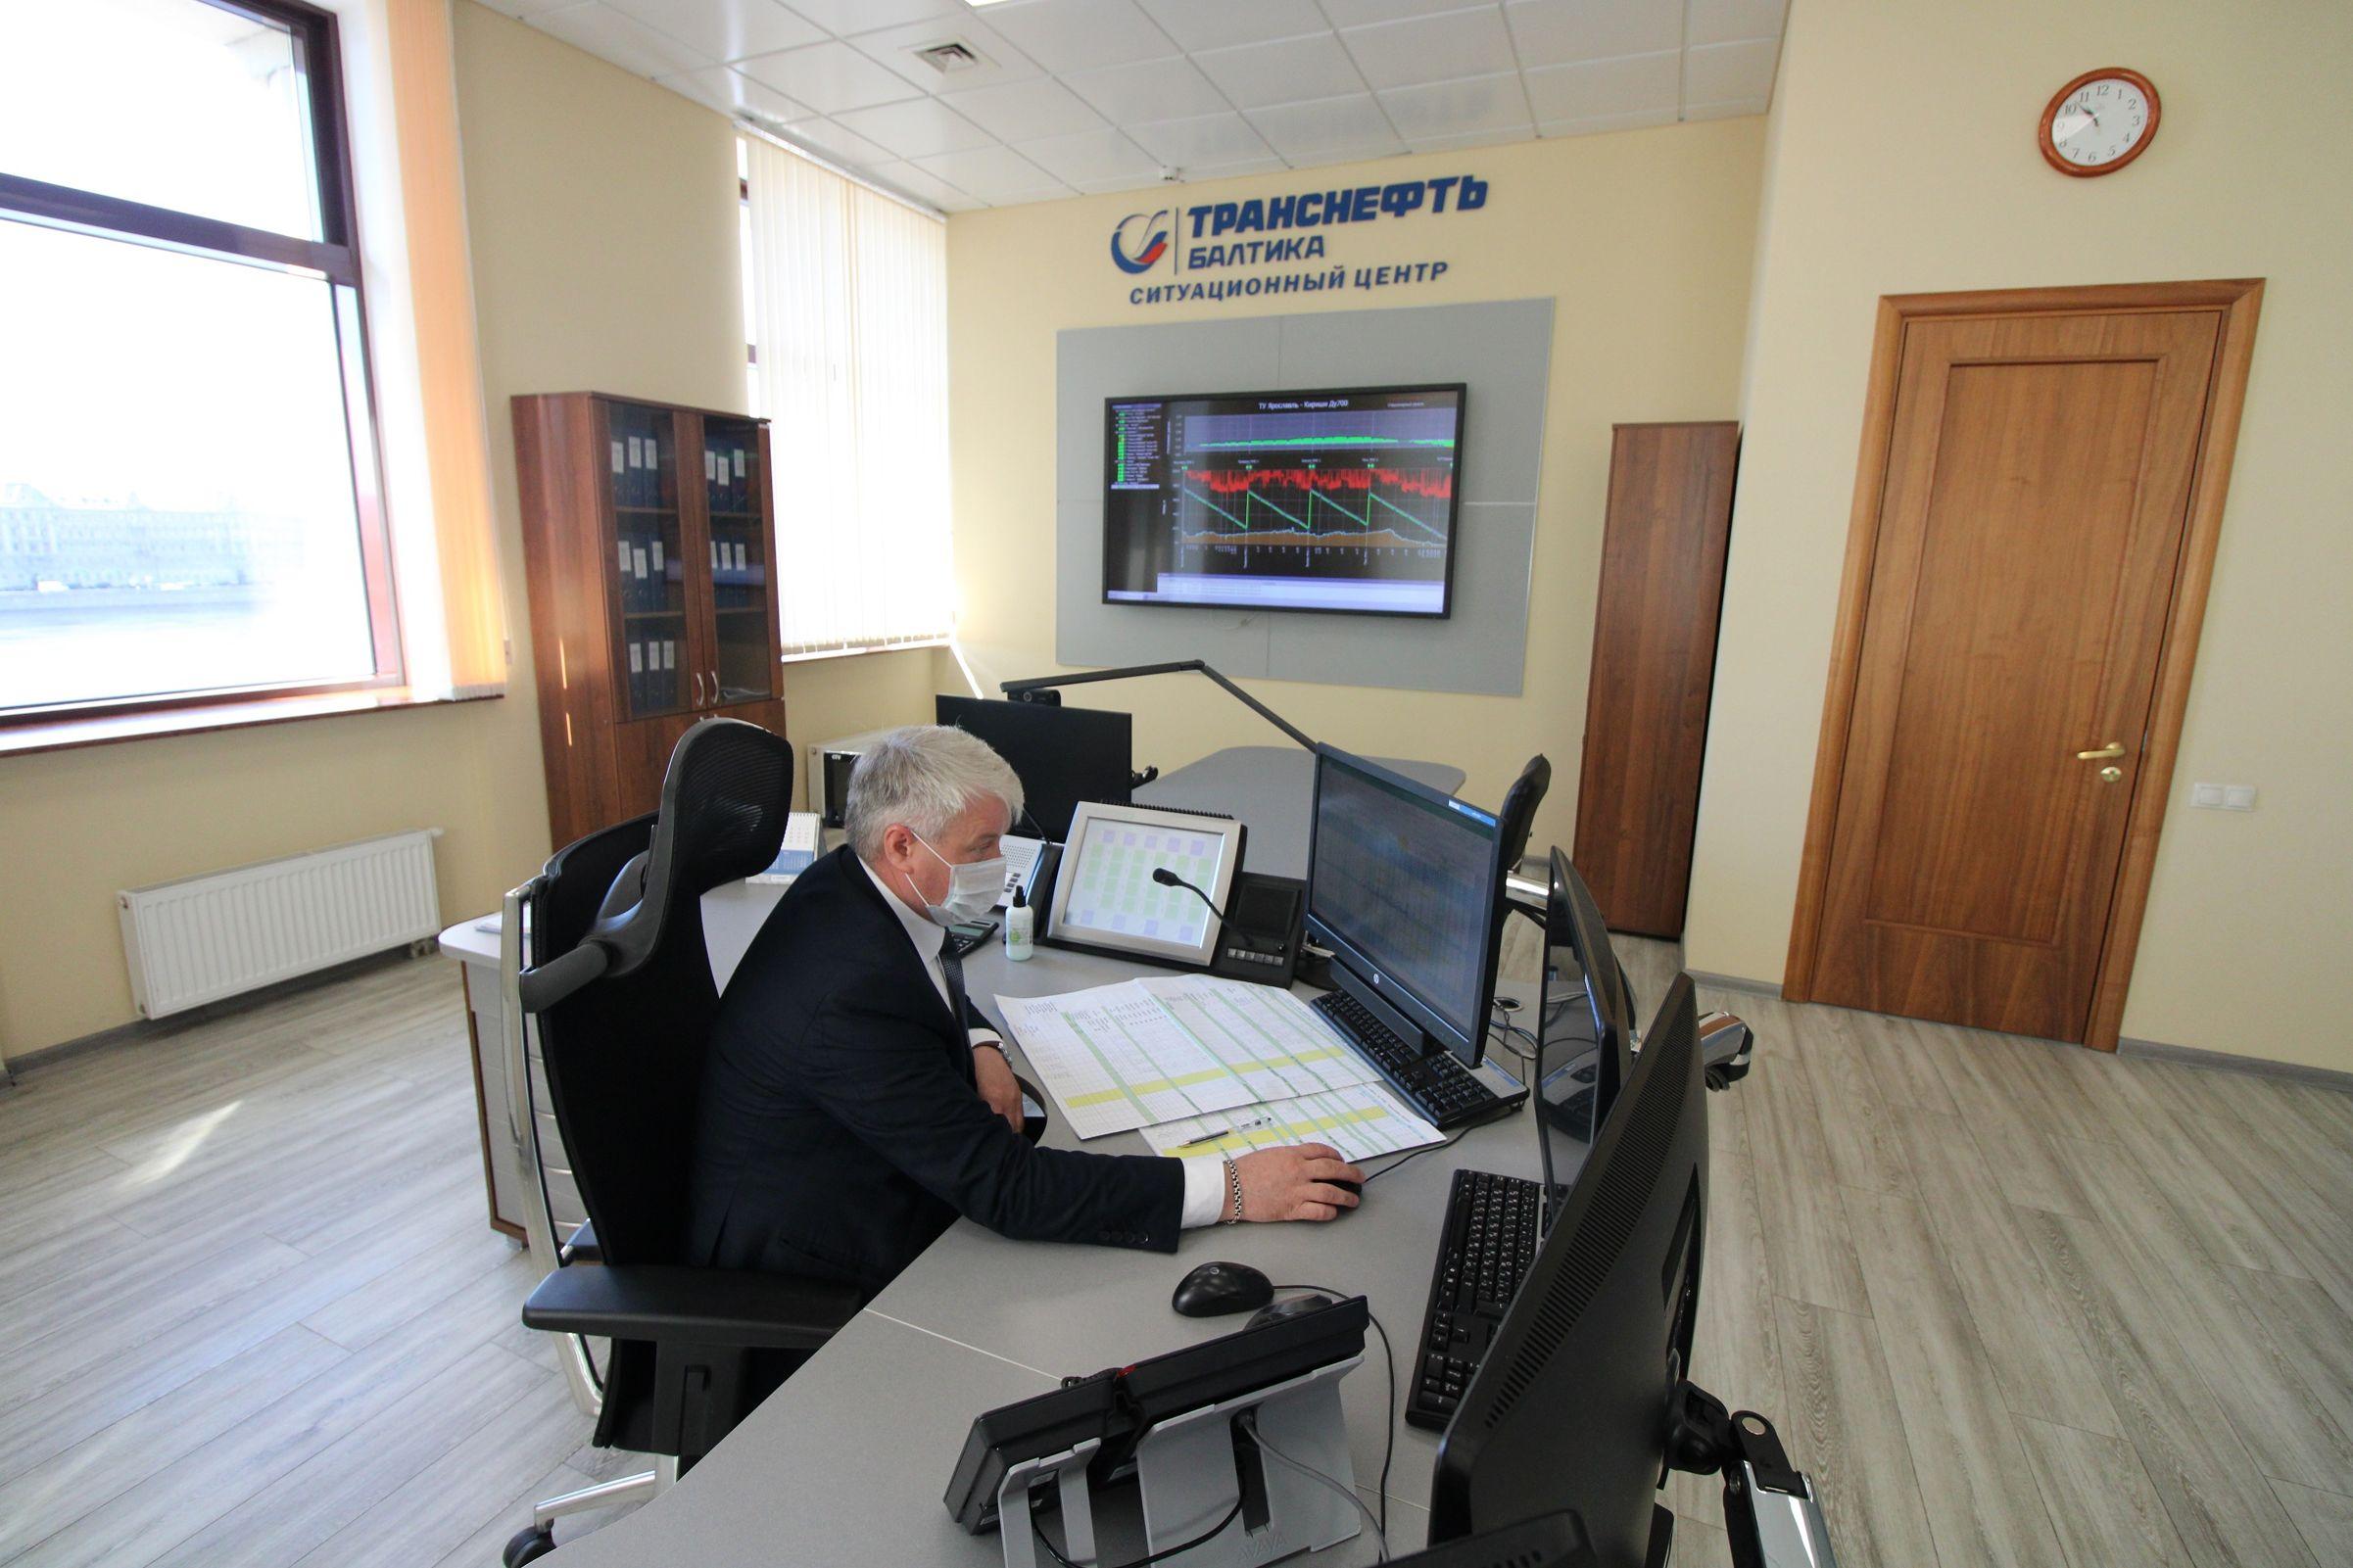 Новую систему дистанционного контроля промышленной безопасности опробовали на объектах «Транснефть – Балтика»